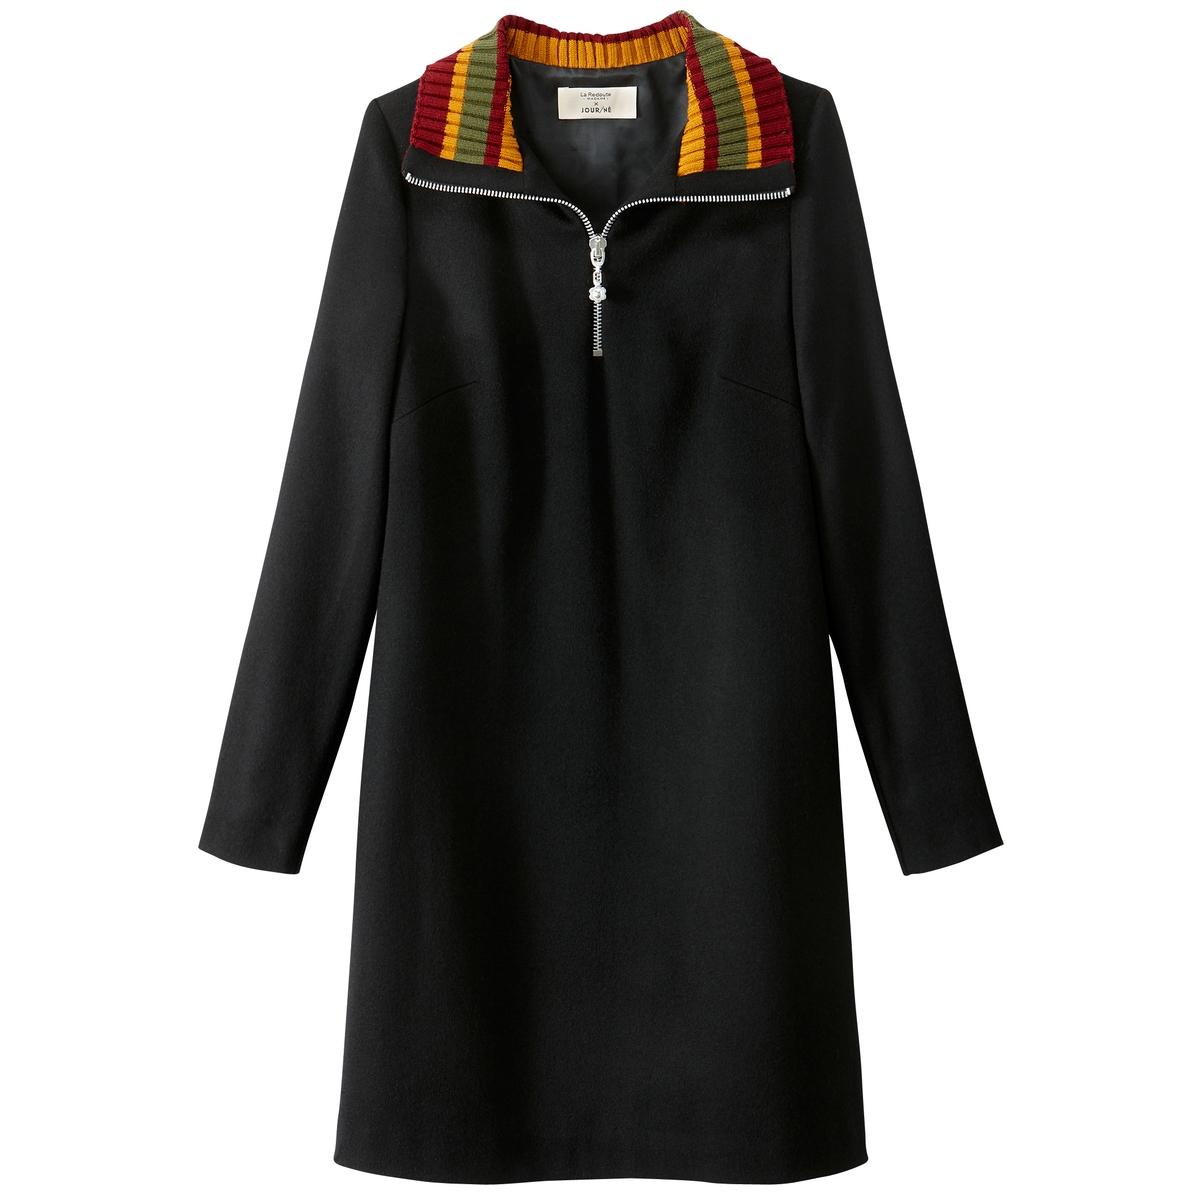 Платье прямое средней длины, однотонное, с длинными рукавамиПрямое платье от JOUR/N? с воротником-стойкой на молнии с отделкой рубчиком в полоску.Детали •  Форма : прямая •  Длина до колен •  Длинные рукава    •  Воротник-стойкаСостав и уход •  80% шерсти, 20% полиамида •  Подкладка : 100% полиэстер • Не стирать • Низкая температура глажки / не отбеливать   •  Не использовать барабанную сушку •  Допускается чистка любыми растворителями Длина : 92 смТрое финалистов премии ANDAM, Джерри, Леа и Лу, сотрудничали с крупными ателье мод. Креативное трио разработало для La Redoute это платье, руководствуясь девизом одень этот день.Их коллекция предназначена для городских женщин, активных и современных, желающих, чтобы их наряд был эстетичным и практичным одновременно. Цель JOUR/NE : каждый сезон предлагать адаптированный гардероб на каждый день, соединяющий в себе простоту и креативность. Каждая модель JOUR/NE продумана до мелочей: многочисленные карманы, потайные молнии, магнитные застежки и даже вшитый платок для протирки очков...Лучшие мастера Европы сопровождают JOUR/NE в выборе материалов и процессе производства, что гарантирует безупречное качество.<br><br>Цвет: красный,черный<br>Размер: 34 (FR) - 40 (RUS).40 (FR) - 46 (RUS).36 (FR) - 42 (RUS).38 (FR) - 44 (RUS).38 (FR) - 44 (RUS).44 (FR) - 50 (RUS).42 (FR) - 48 (RUS).42 (FR) - 48 (RUS).44 (FR) - 50 (RUS).40 (FR) - 46 (RUS)